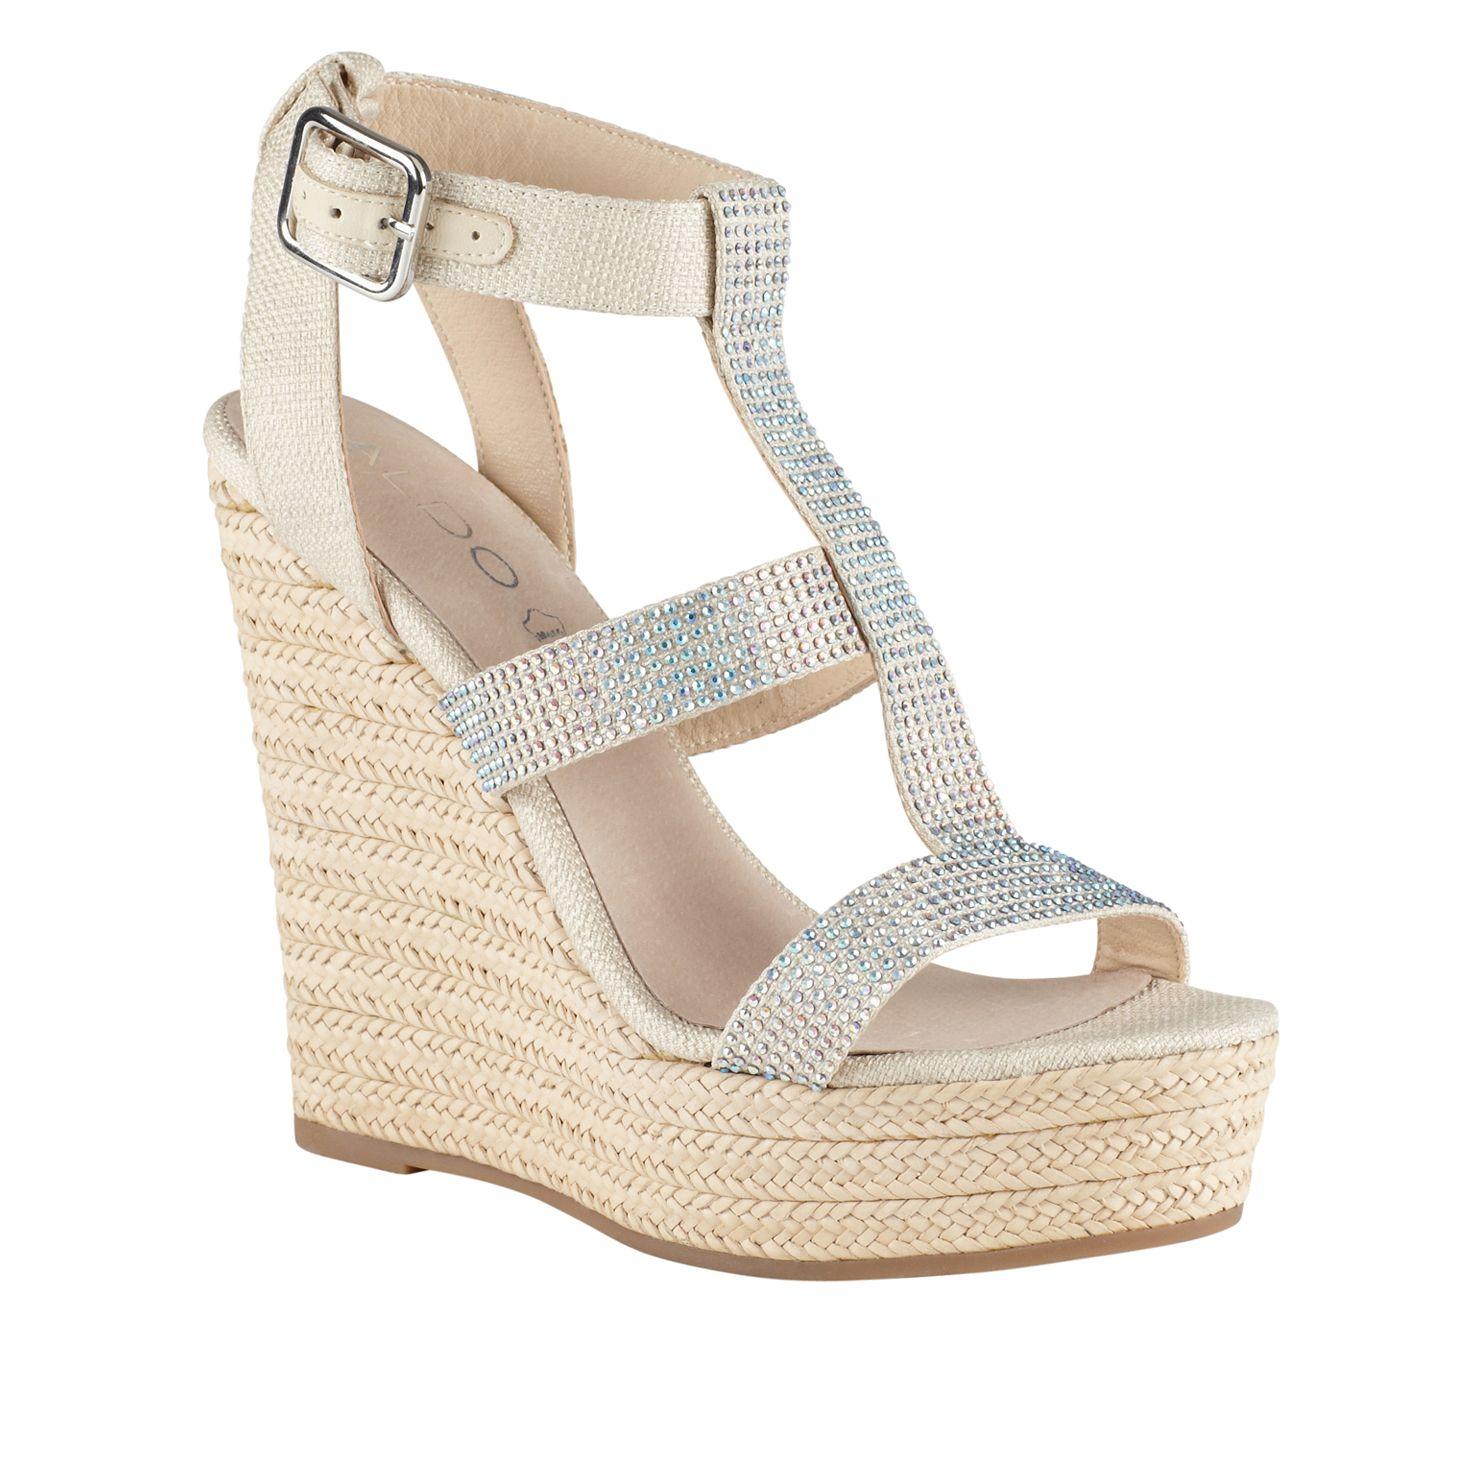 aldo tilissa wedge espadrille sandals in white lyst